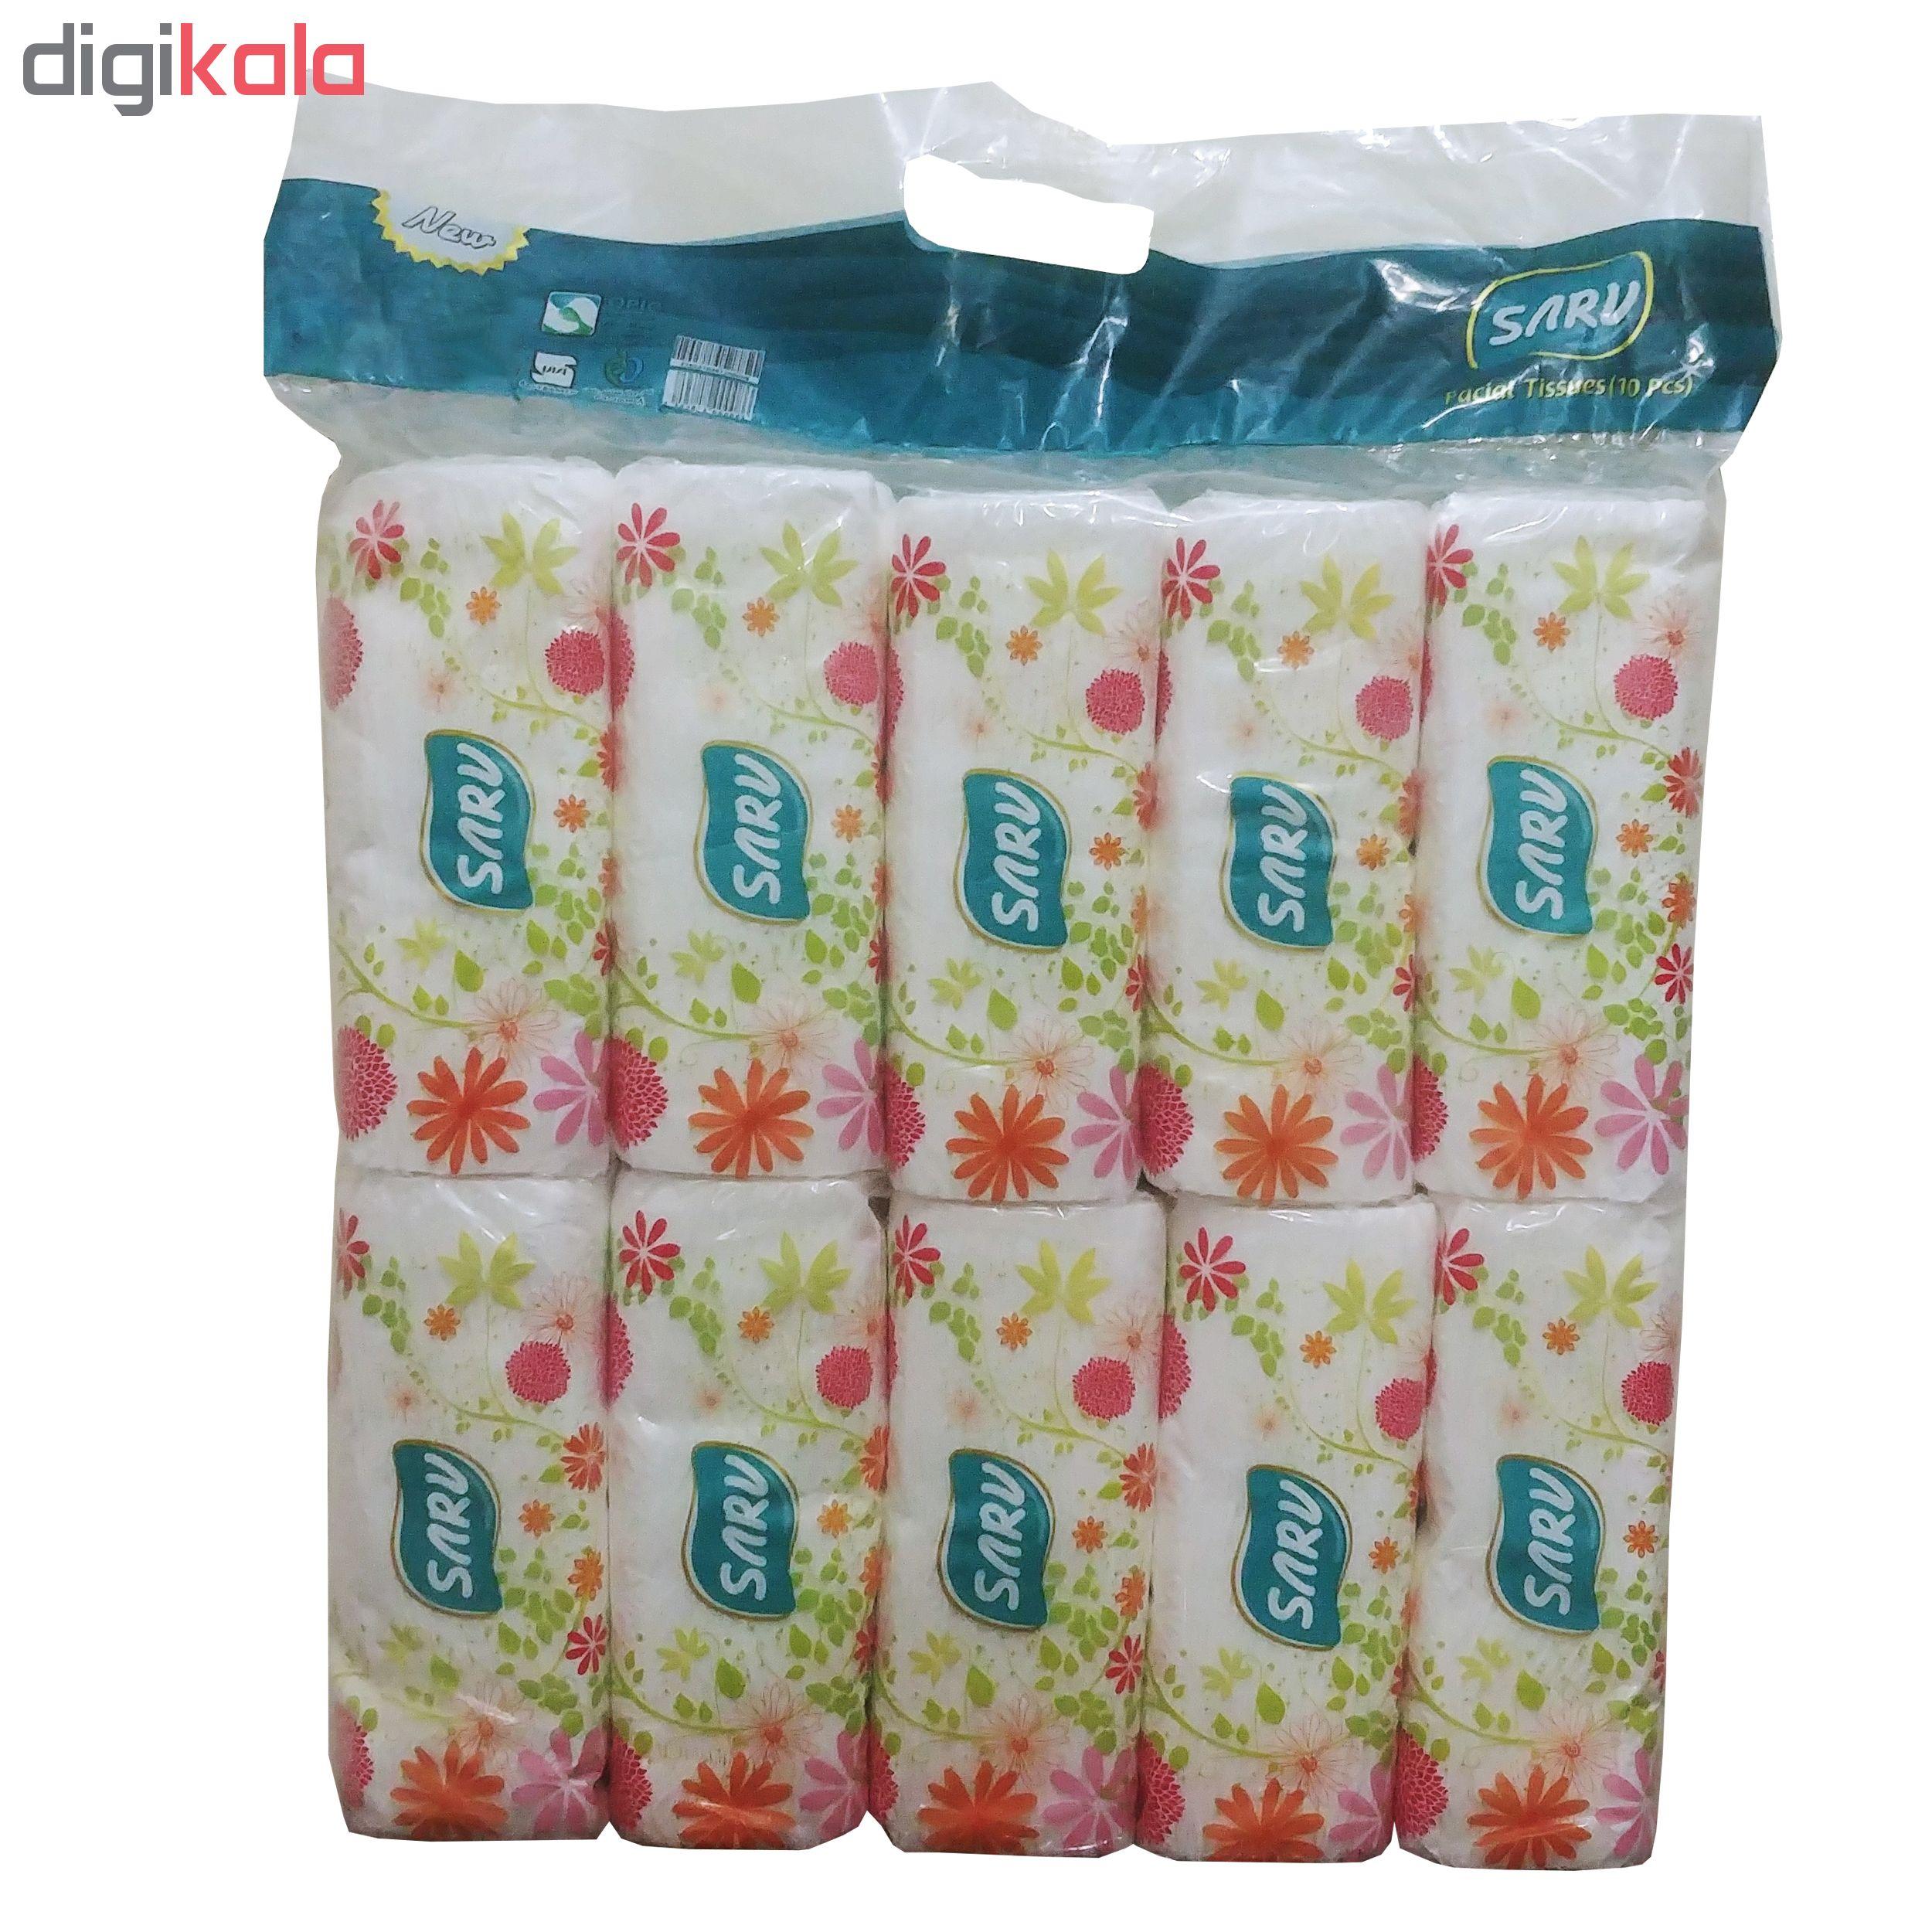 دستمال کاغذی 200 برگ سرو طرح پیچک بسته 10 عددی